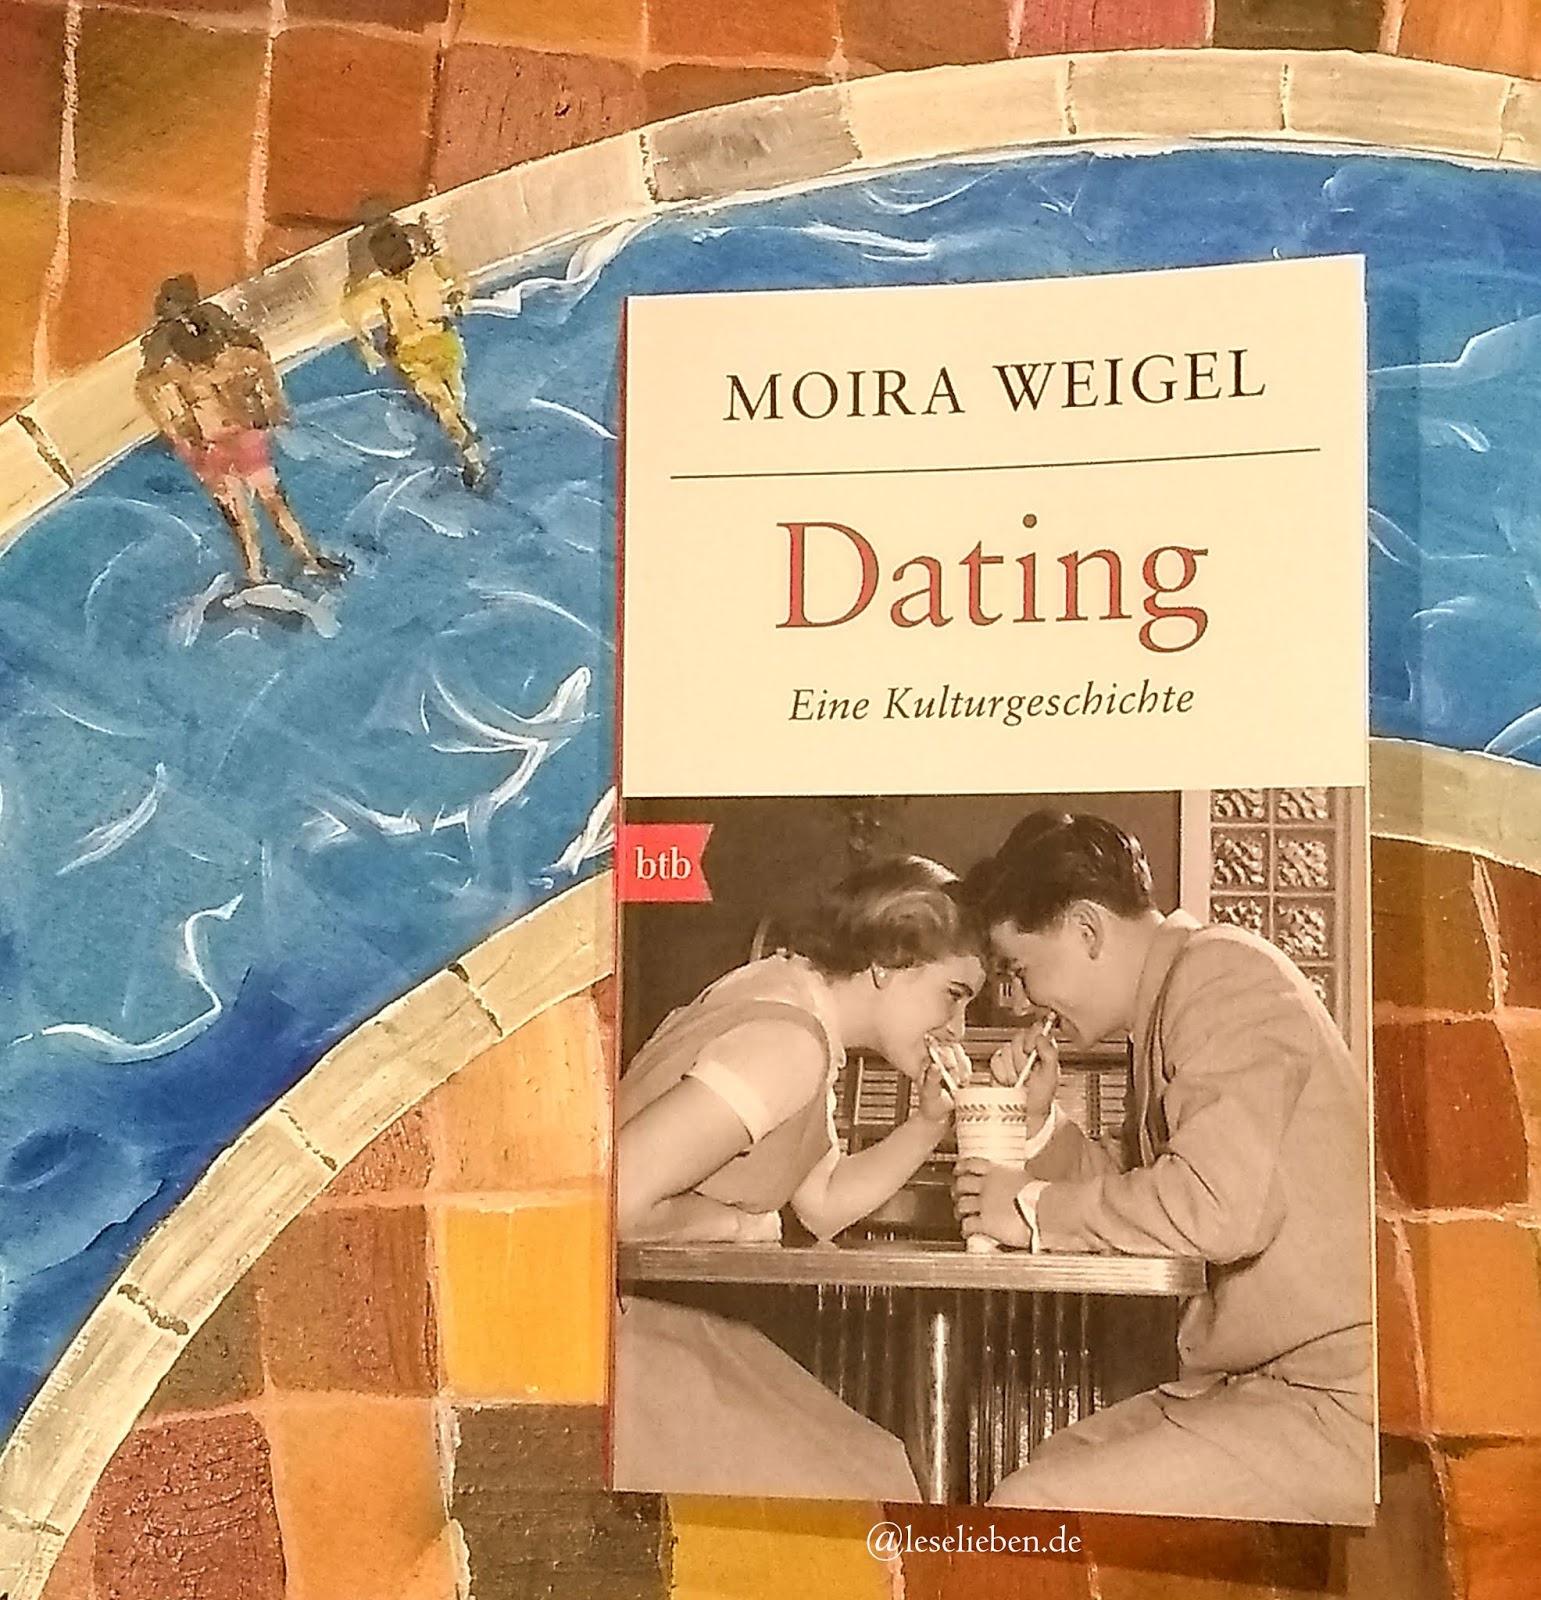 Profilbilder auf Dating-Seite